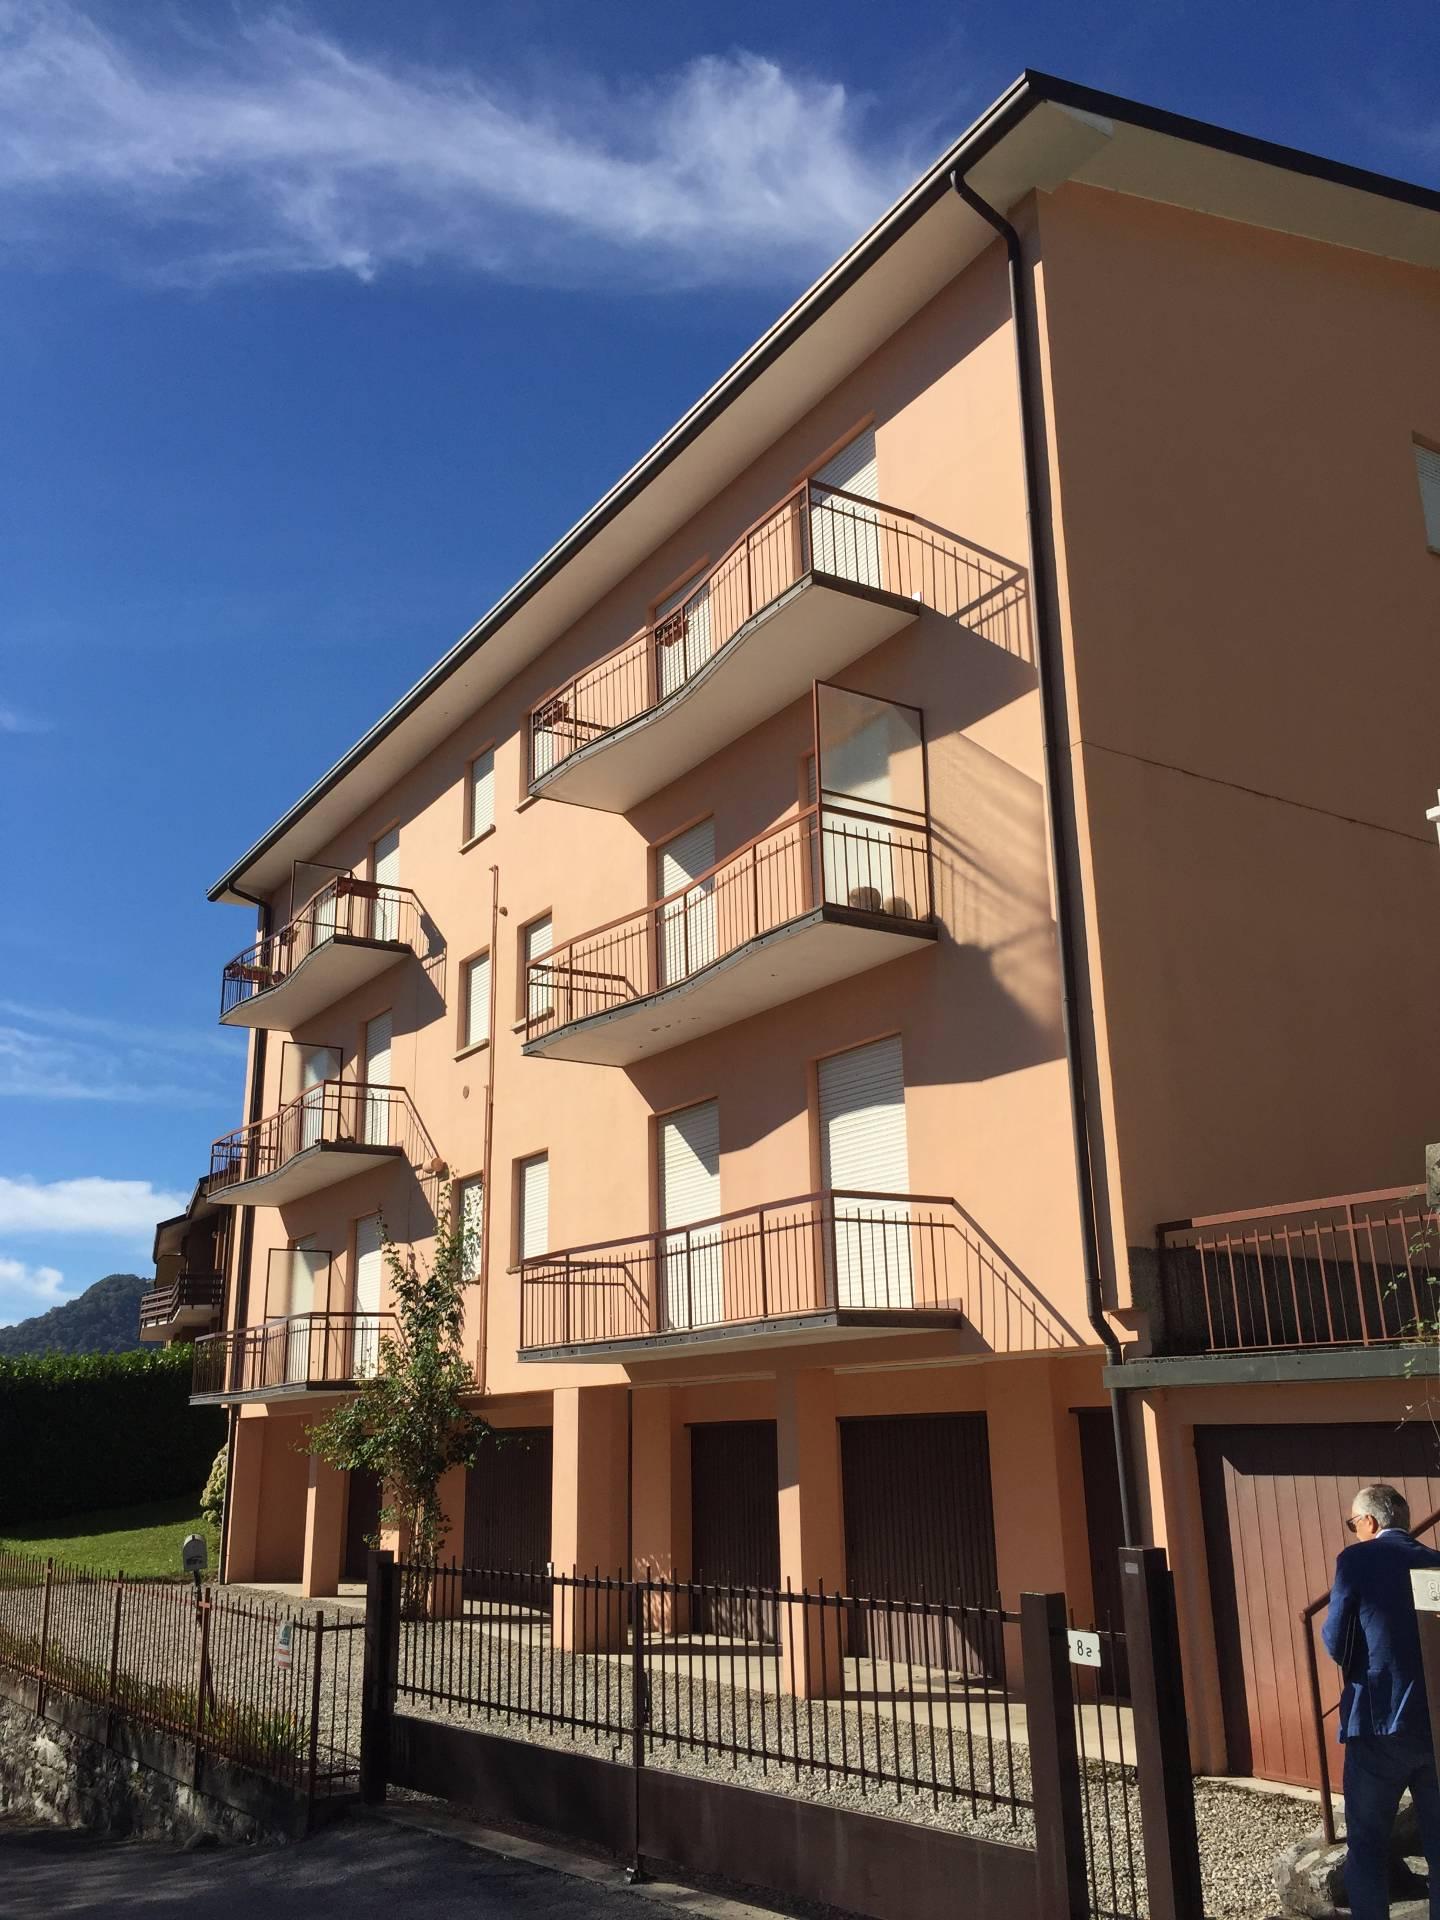 Appartamento in vendita a Sormano, 3 locali, prezzo € 25.000 | CambioCasa.it